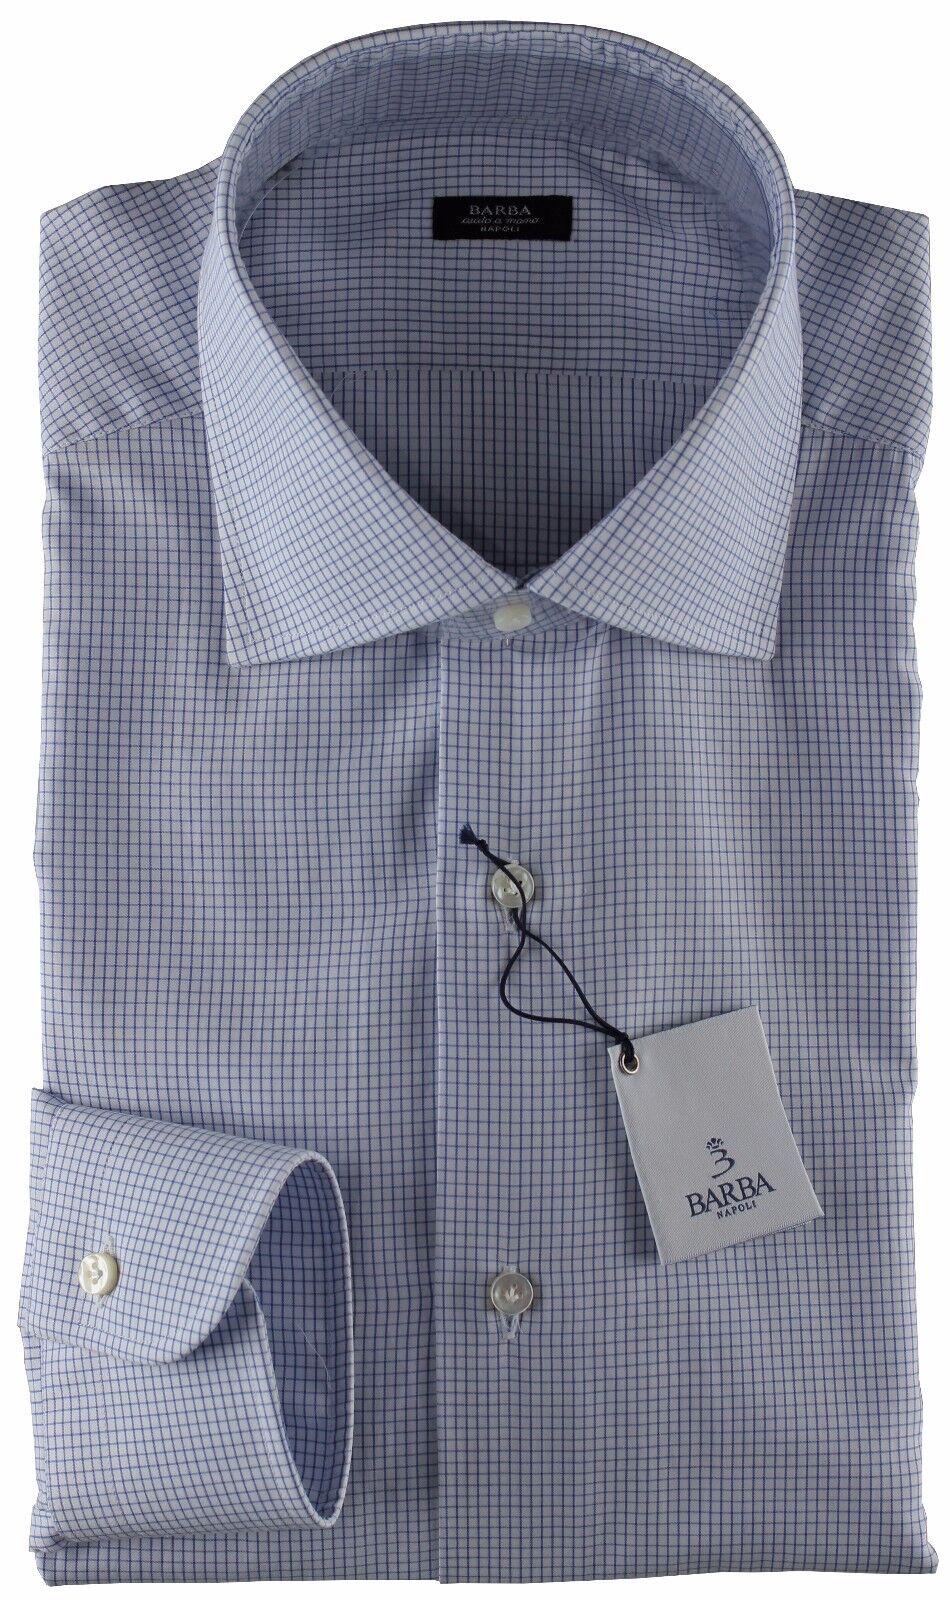 NWT BARBA NAPOLI DRESS hemd schwarz label Weiß Blau check handmade 43 17